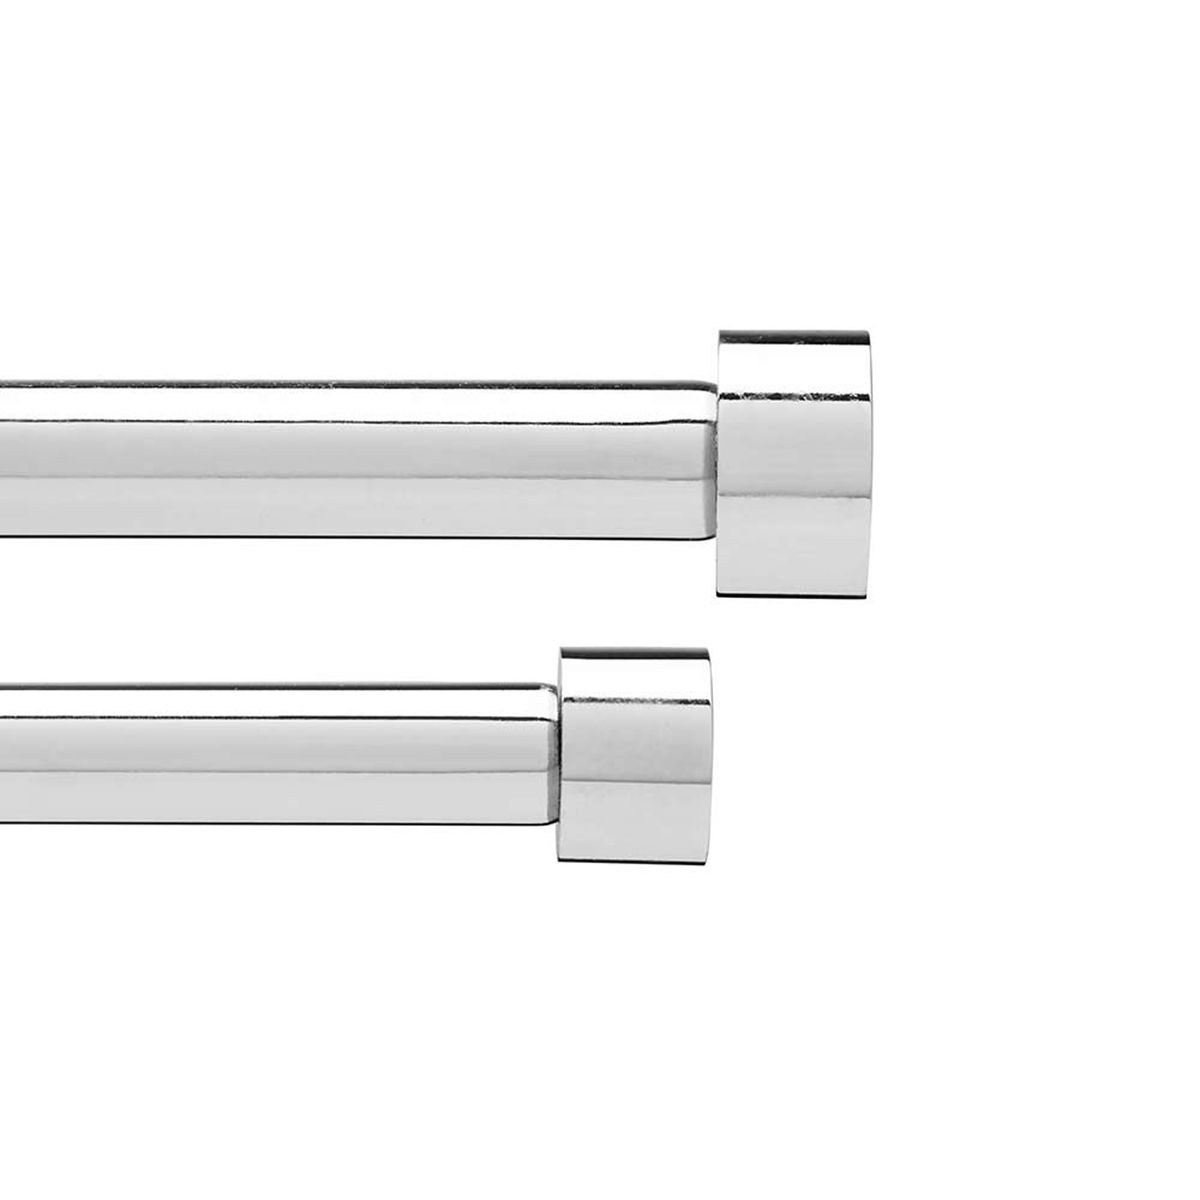 Карниз Umbra Cappa, двойной, 91-183 см245963-158Двойной карниз для штор Cappa имеет телескопическую конструкцию, которая позволяет регулировать его длину, и металлические украшения в виде насадок по краям. Диаметр переднего карниза 1,9 см, заднего 1,6 см. Крепления идут в комплекте.